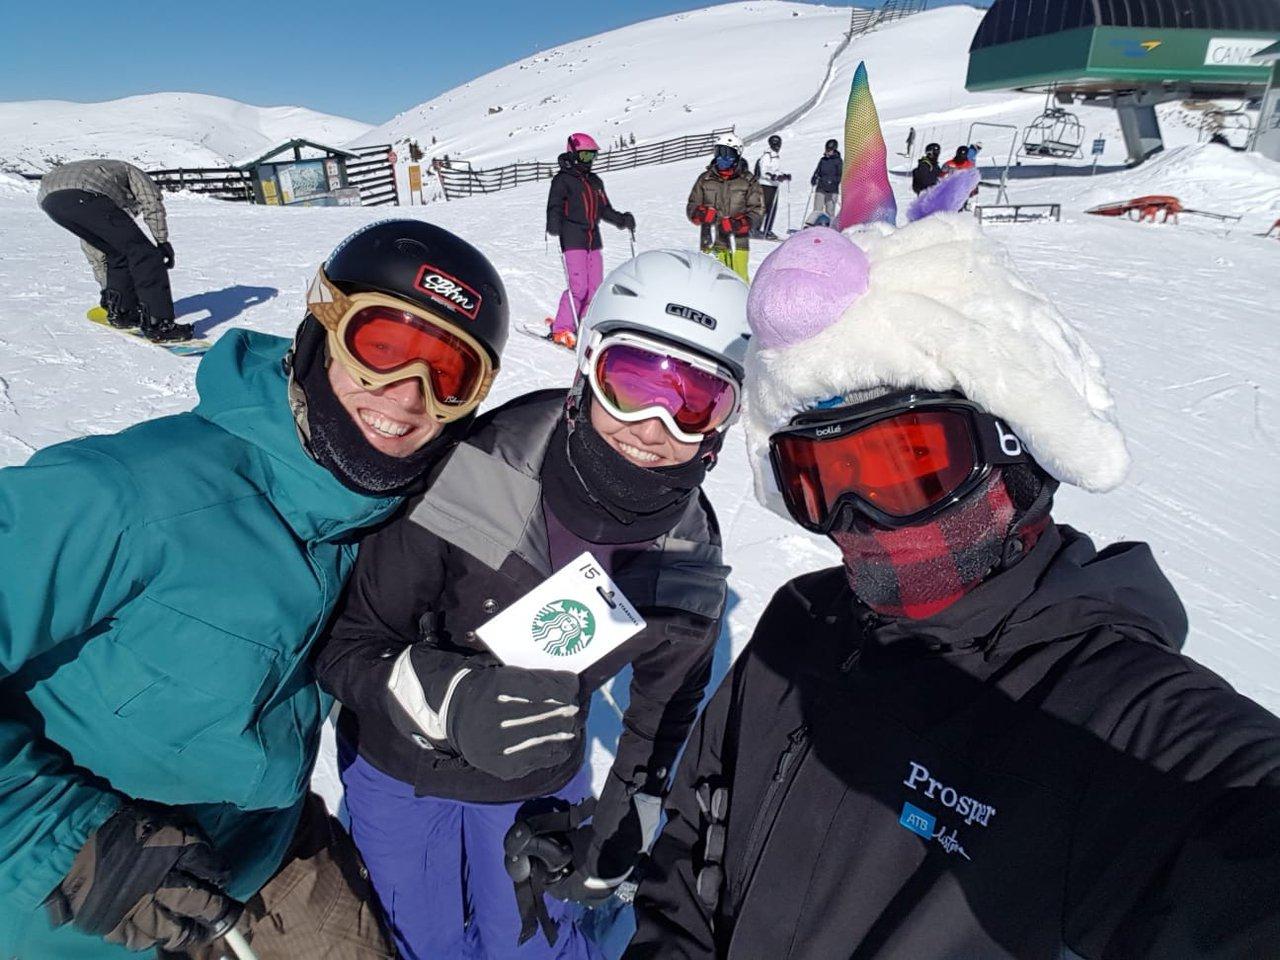 ATB Ski Mount Simple photo ef28299c-cabb-4f34-918a-ab515ca416f1.jpg